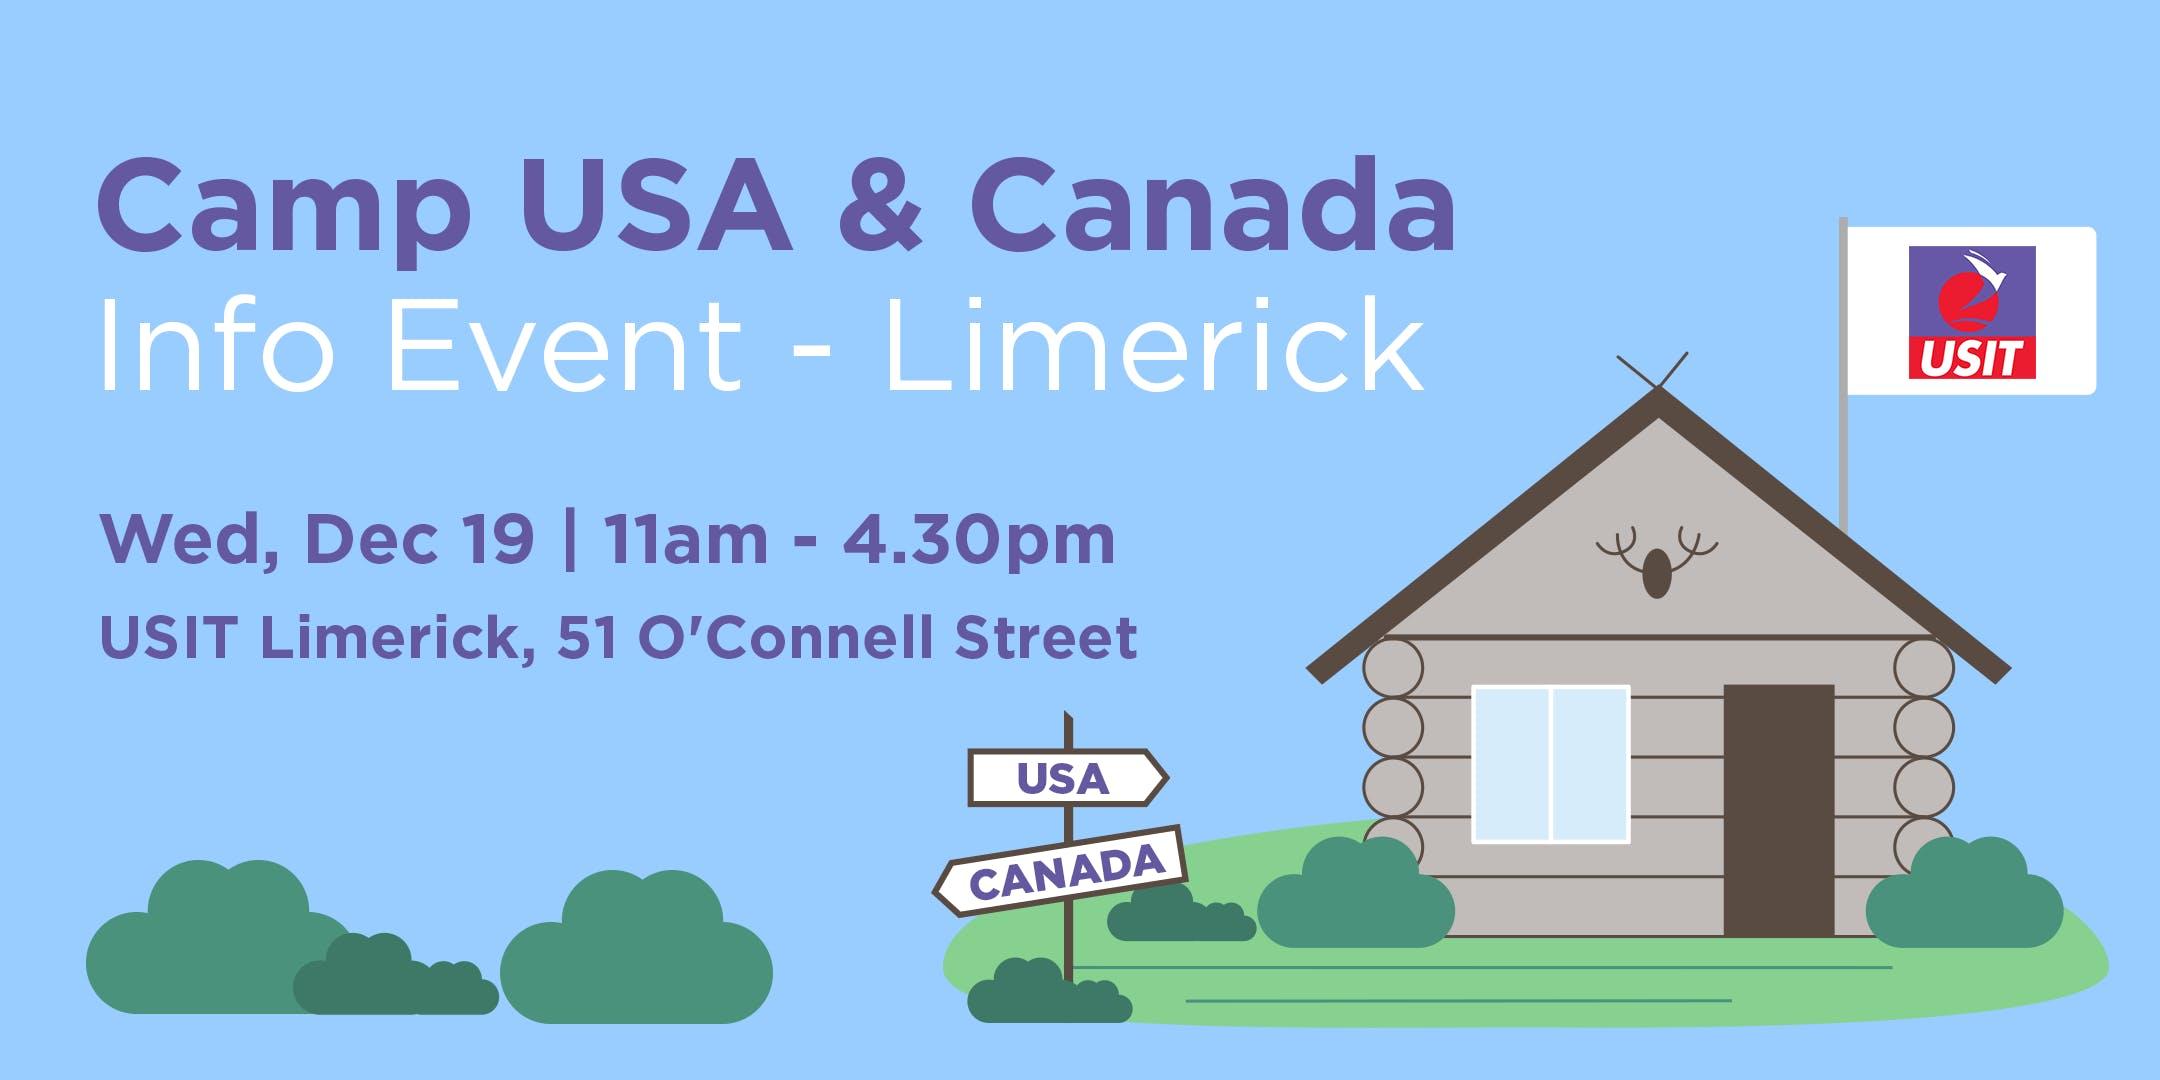 Camp USA & Canada Info Event - Limerick